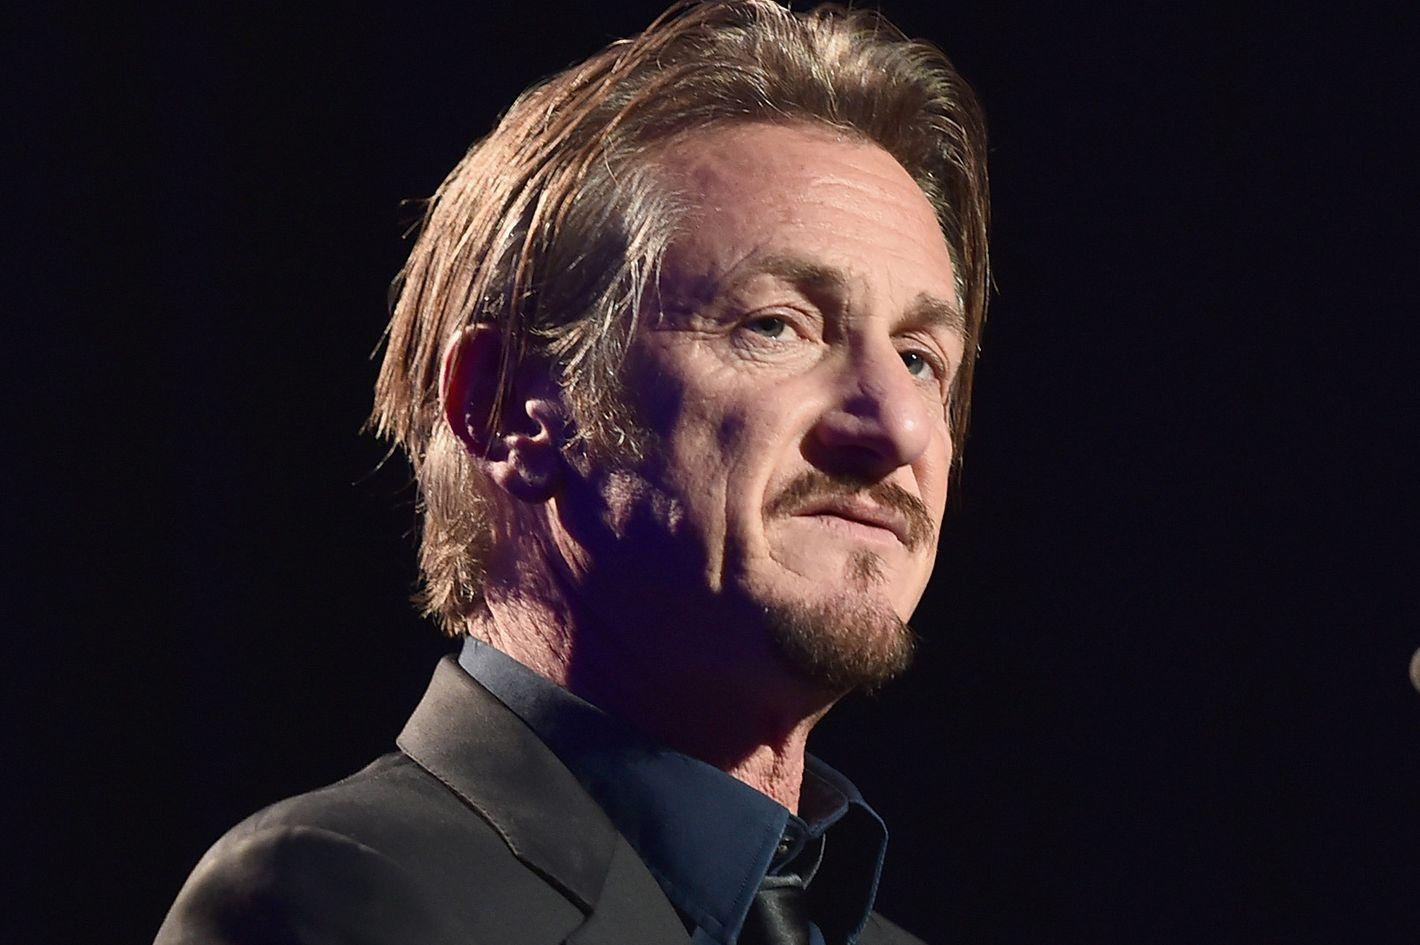 Role model Sean Penn.